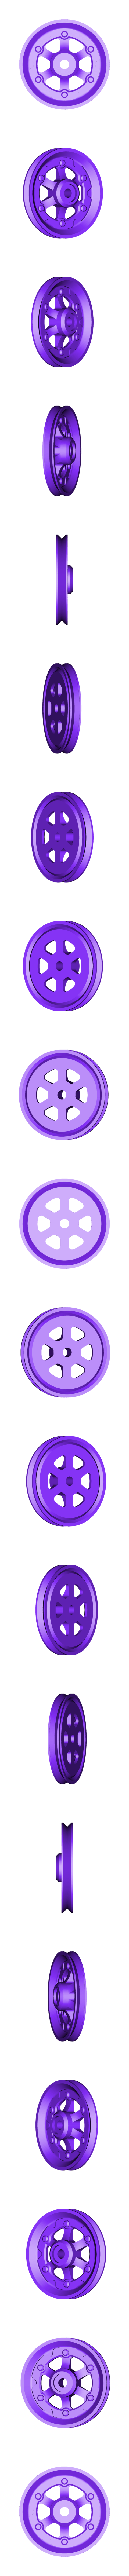 XX_Wheel_Front_R.stl Télécharger fichier STL gratuit Vapemobile : Voiture jouet pneumatique • Modèle pour imprimante 3D, Slava_Z